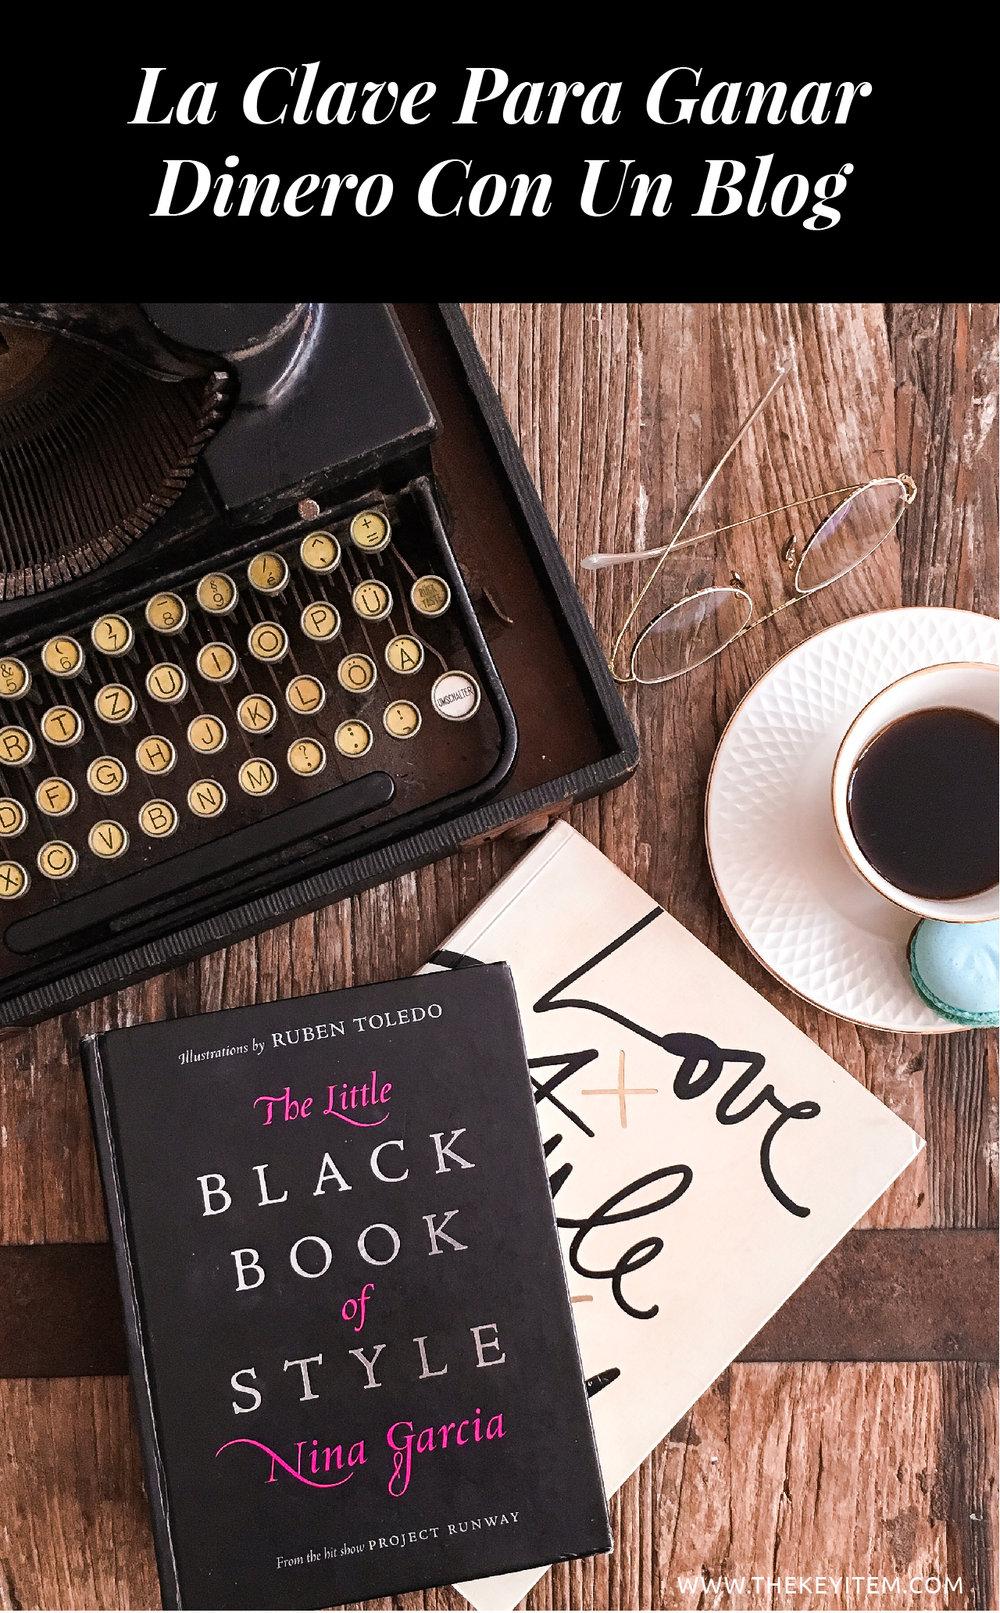 Te explico cómo funciona la idea de ganar dinero con un blog, y que debes tener en cuenta antes de empezar, ¡no es tan complicado como te imaginas!